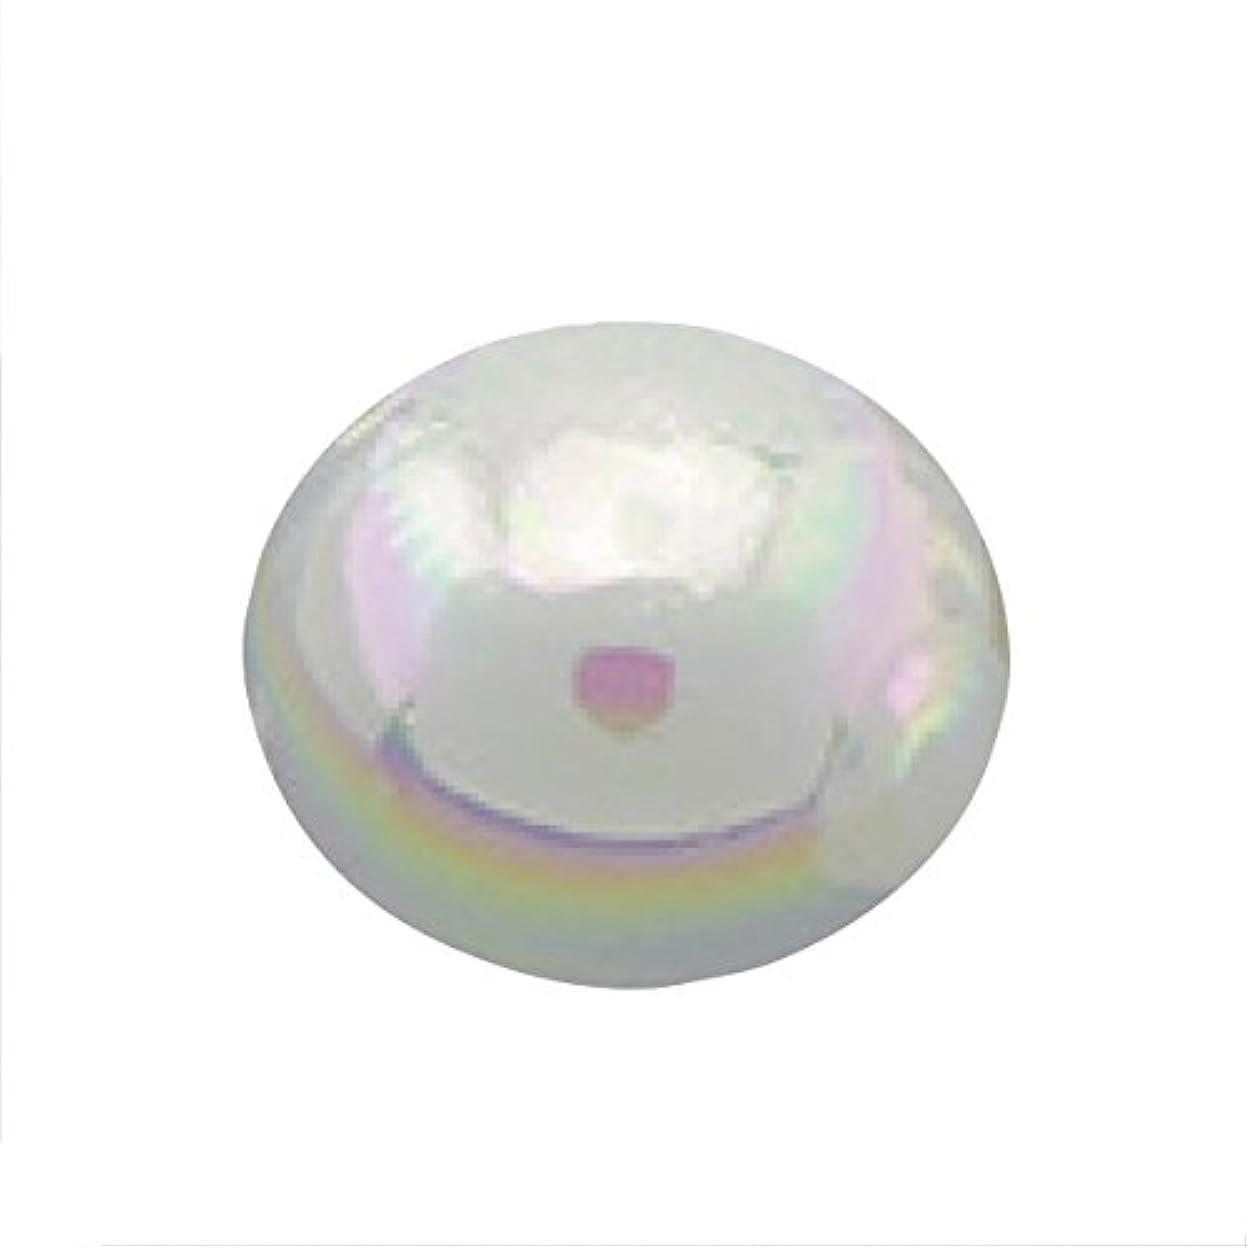 パプアニューギニアモンク巻き取りパールオーロラオフホワイト1.5mm(50個入り)